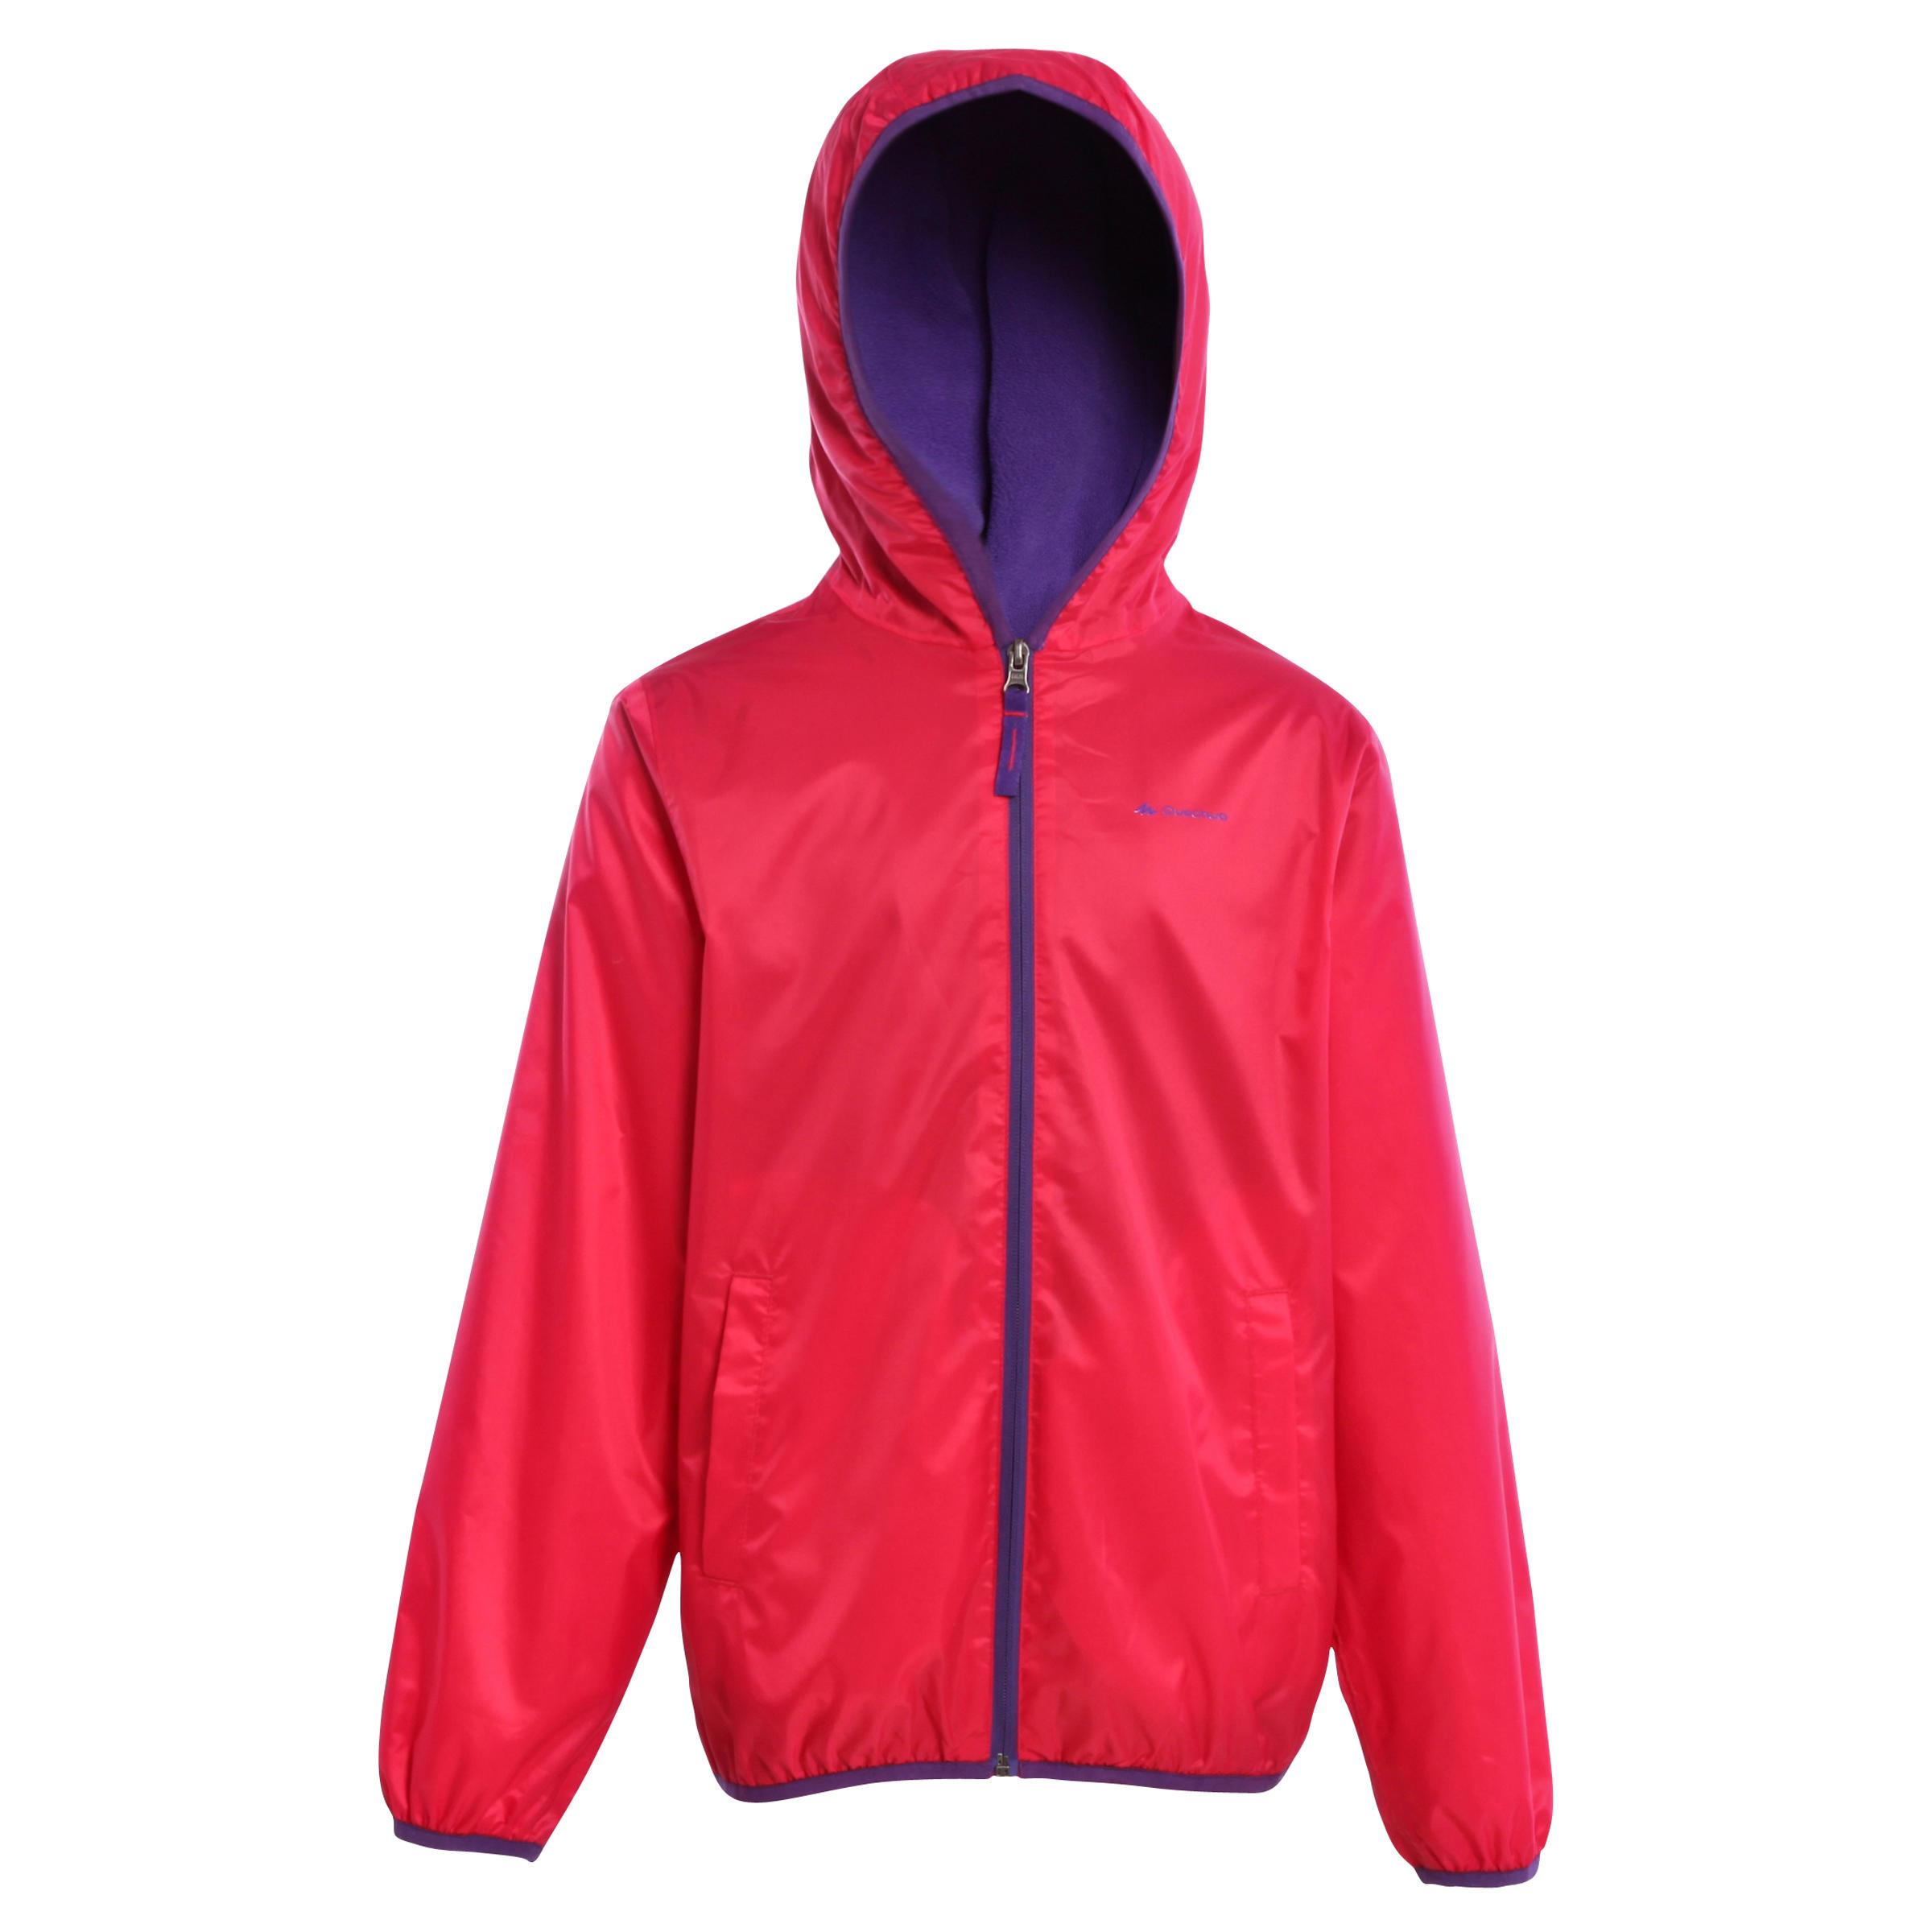 Jungen,Kinder Wanderjacke SH50 Warm Kinder pink | 03608439694912